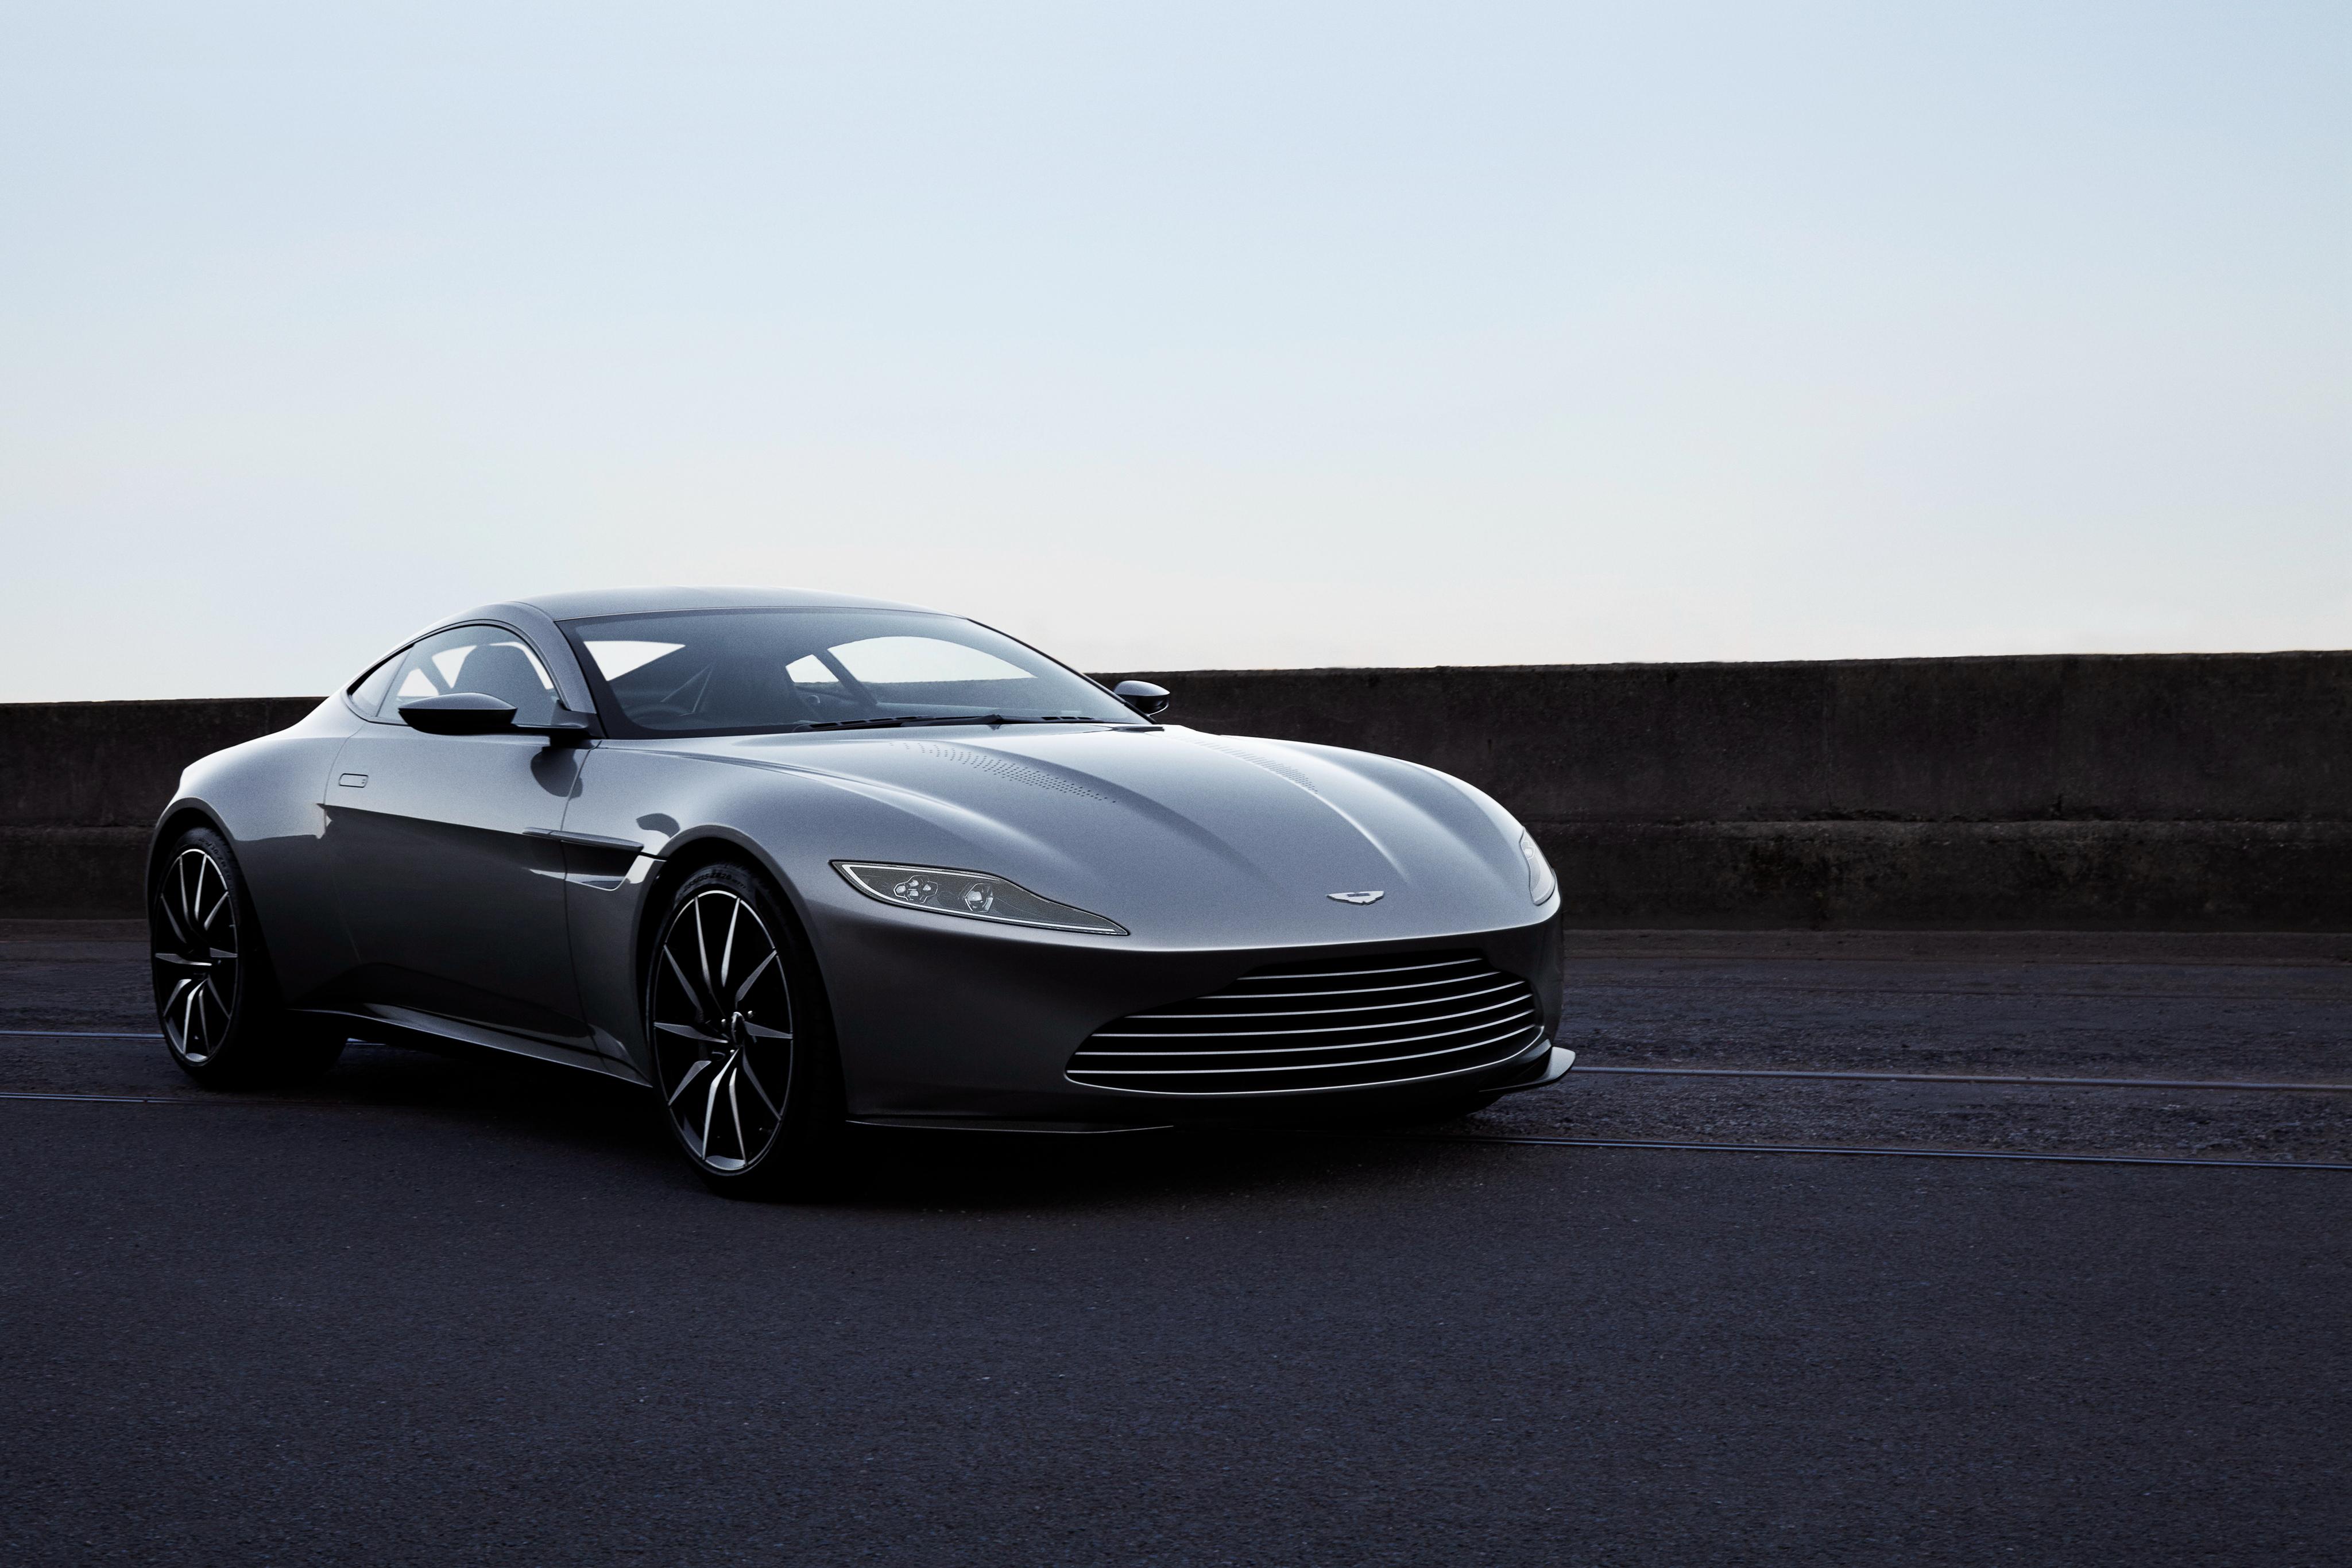 150968 Заставки и Обои Астон Мартин (Aston Martin) на телефон. Скачать Астон Мартин (Aston Martin), Тачки (Cars), Вид Сбоку, Серебристый, Db10 картинки бесплатно